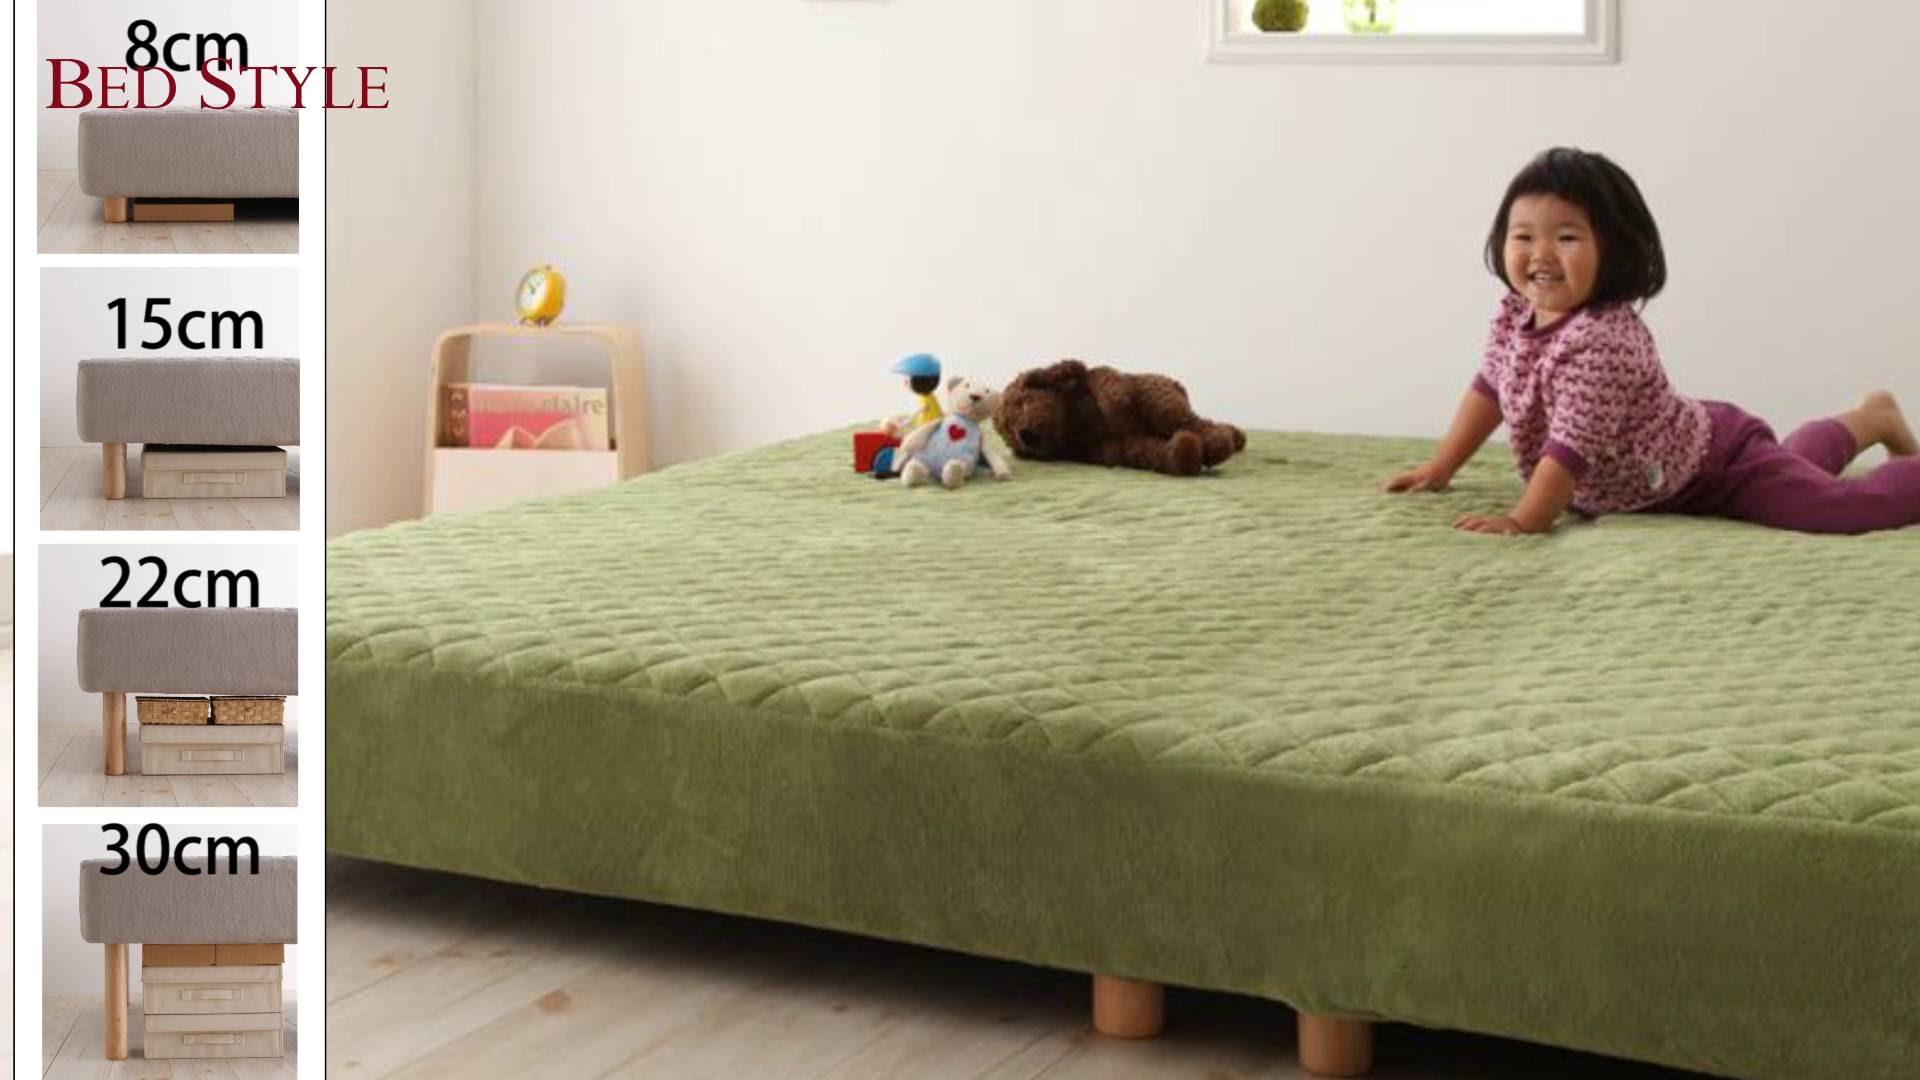 質の良い眠りへのお手伝い シーツ付き大型マットレスベッド